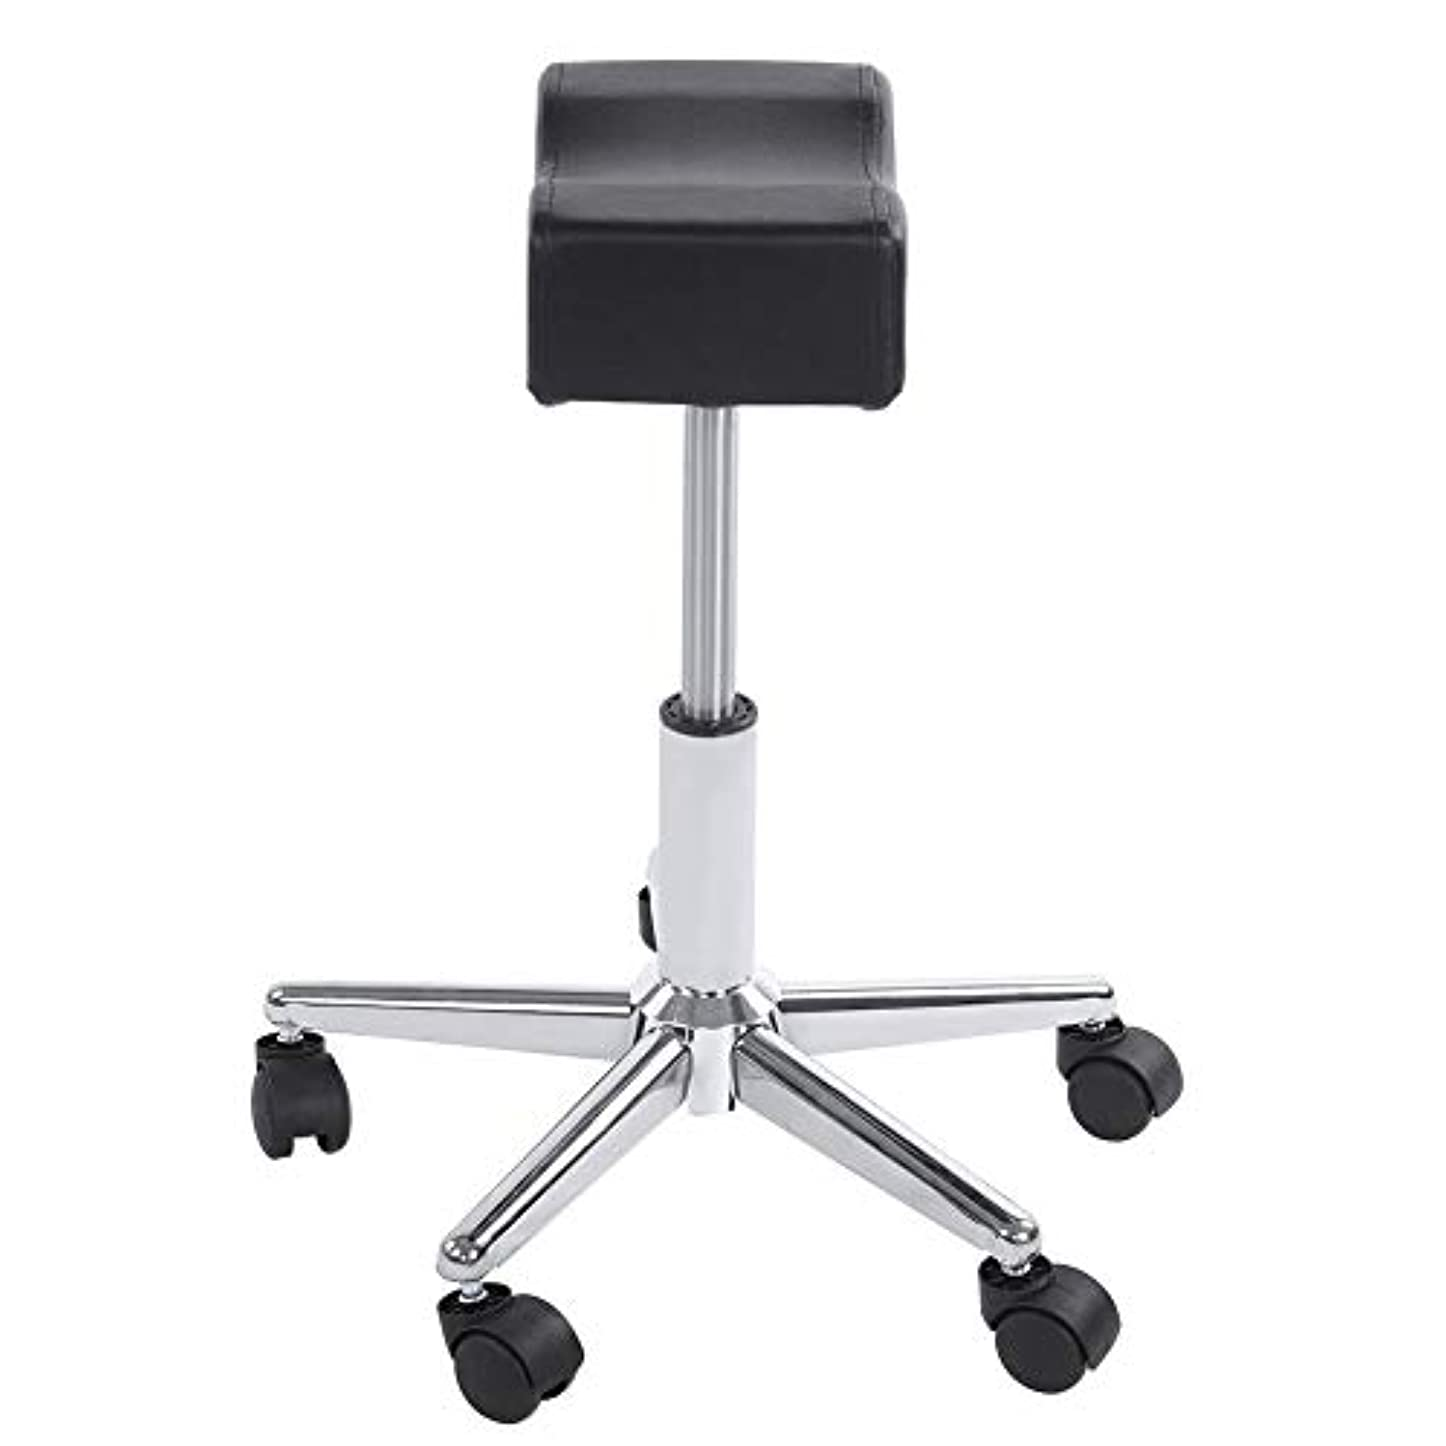 完了見る人睡眠調節可能な椅子、高さ調節可能なローリングチェアホーム用可動ホイール付きの快適なシートクッションスツール